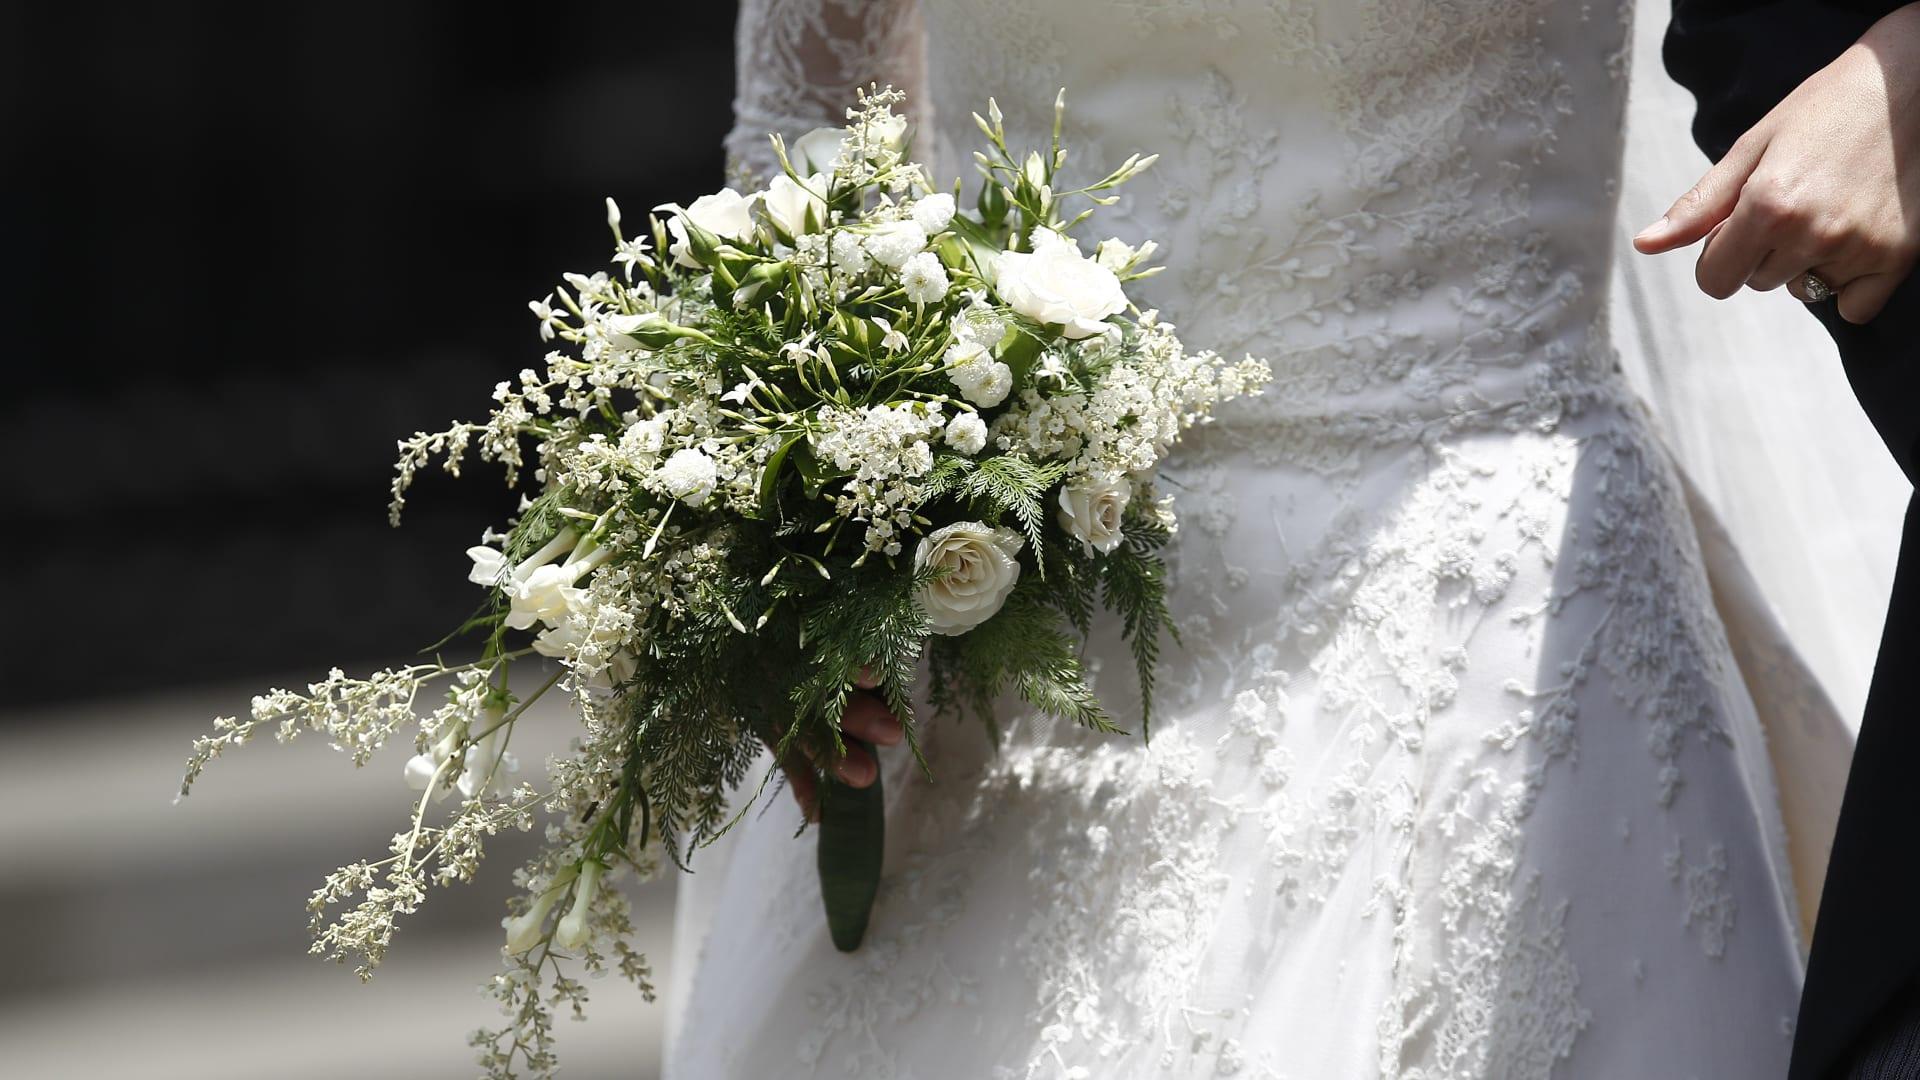 في أذربيجان.. لماذا تدور العروس حول مصباح مشتعل 3 مرات في زفافها؟